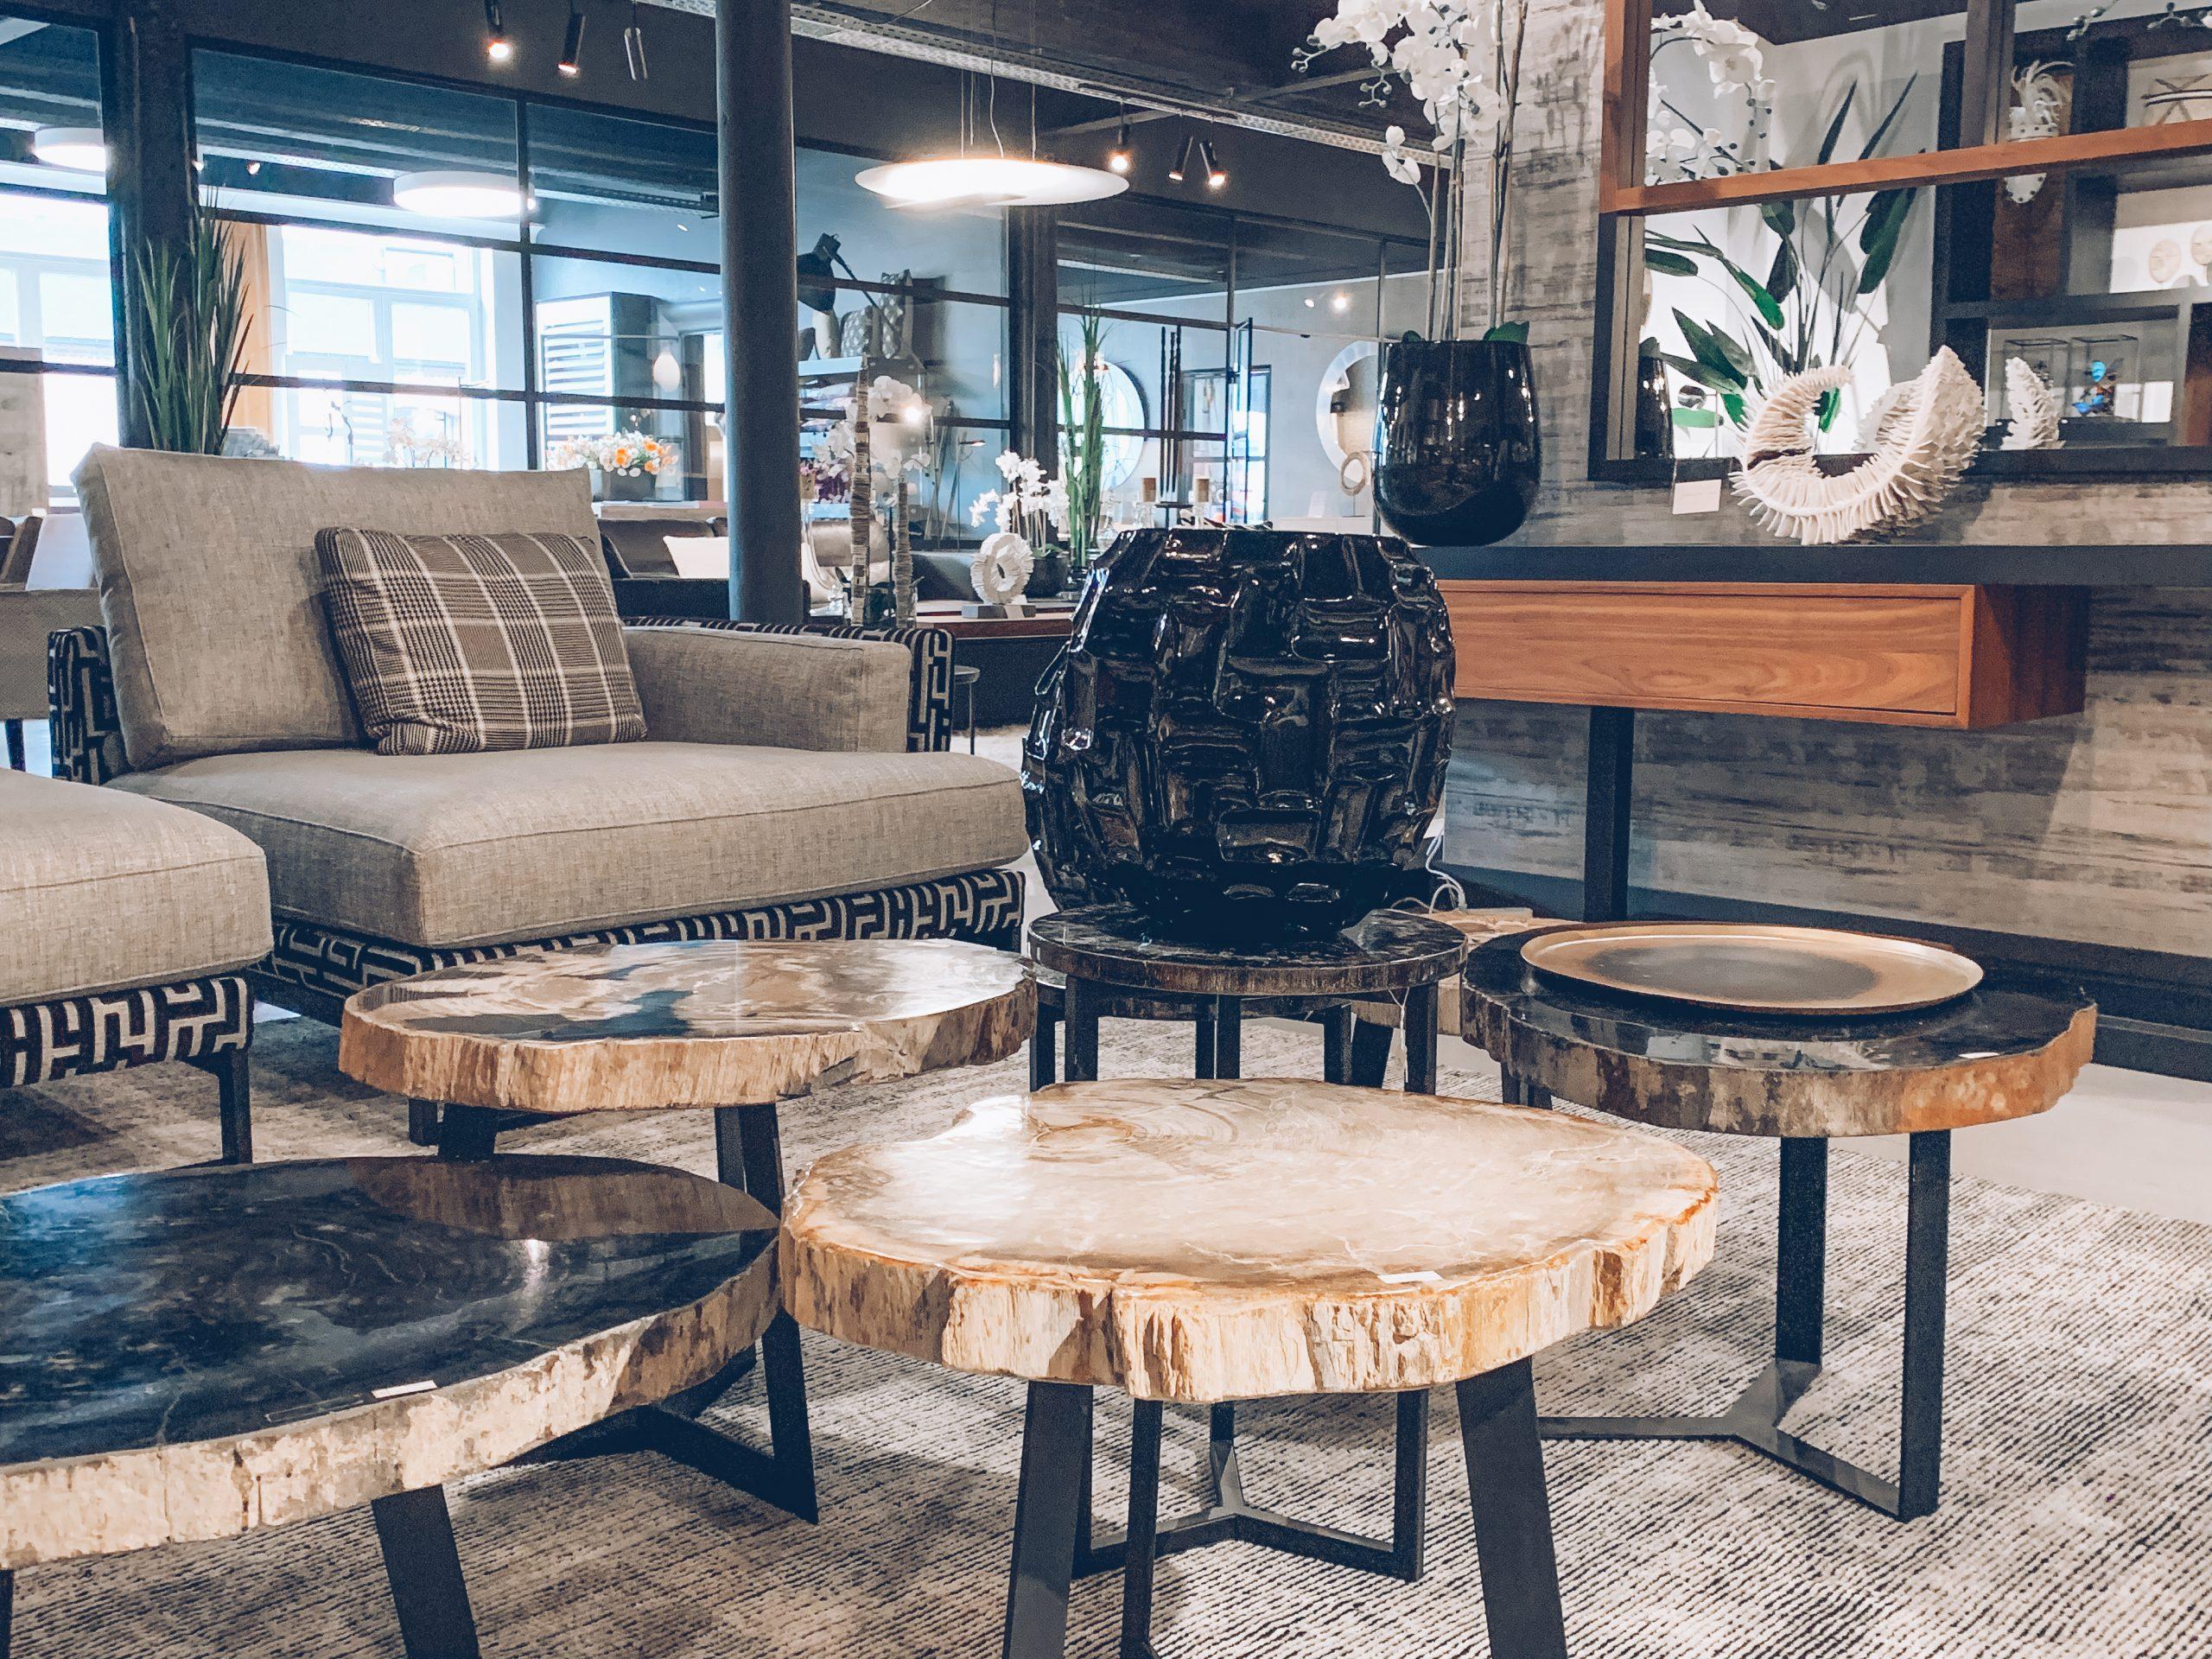 tables basses en pierre, salon luxueux, salon gris, vase noire, plantes, lumineux, magasin de décoration belgique, jn interiors, jour et nuit liège verviers